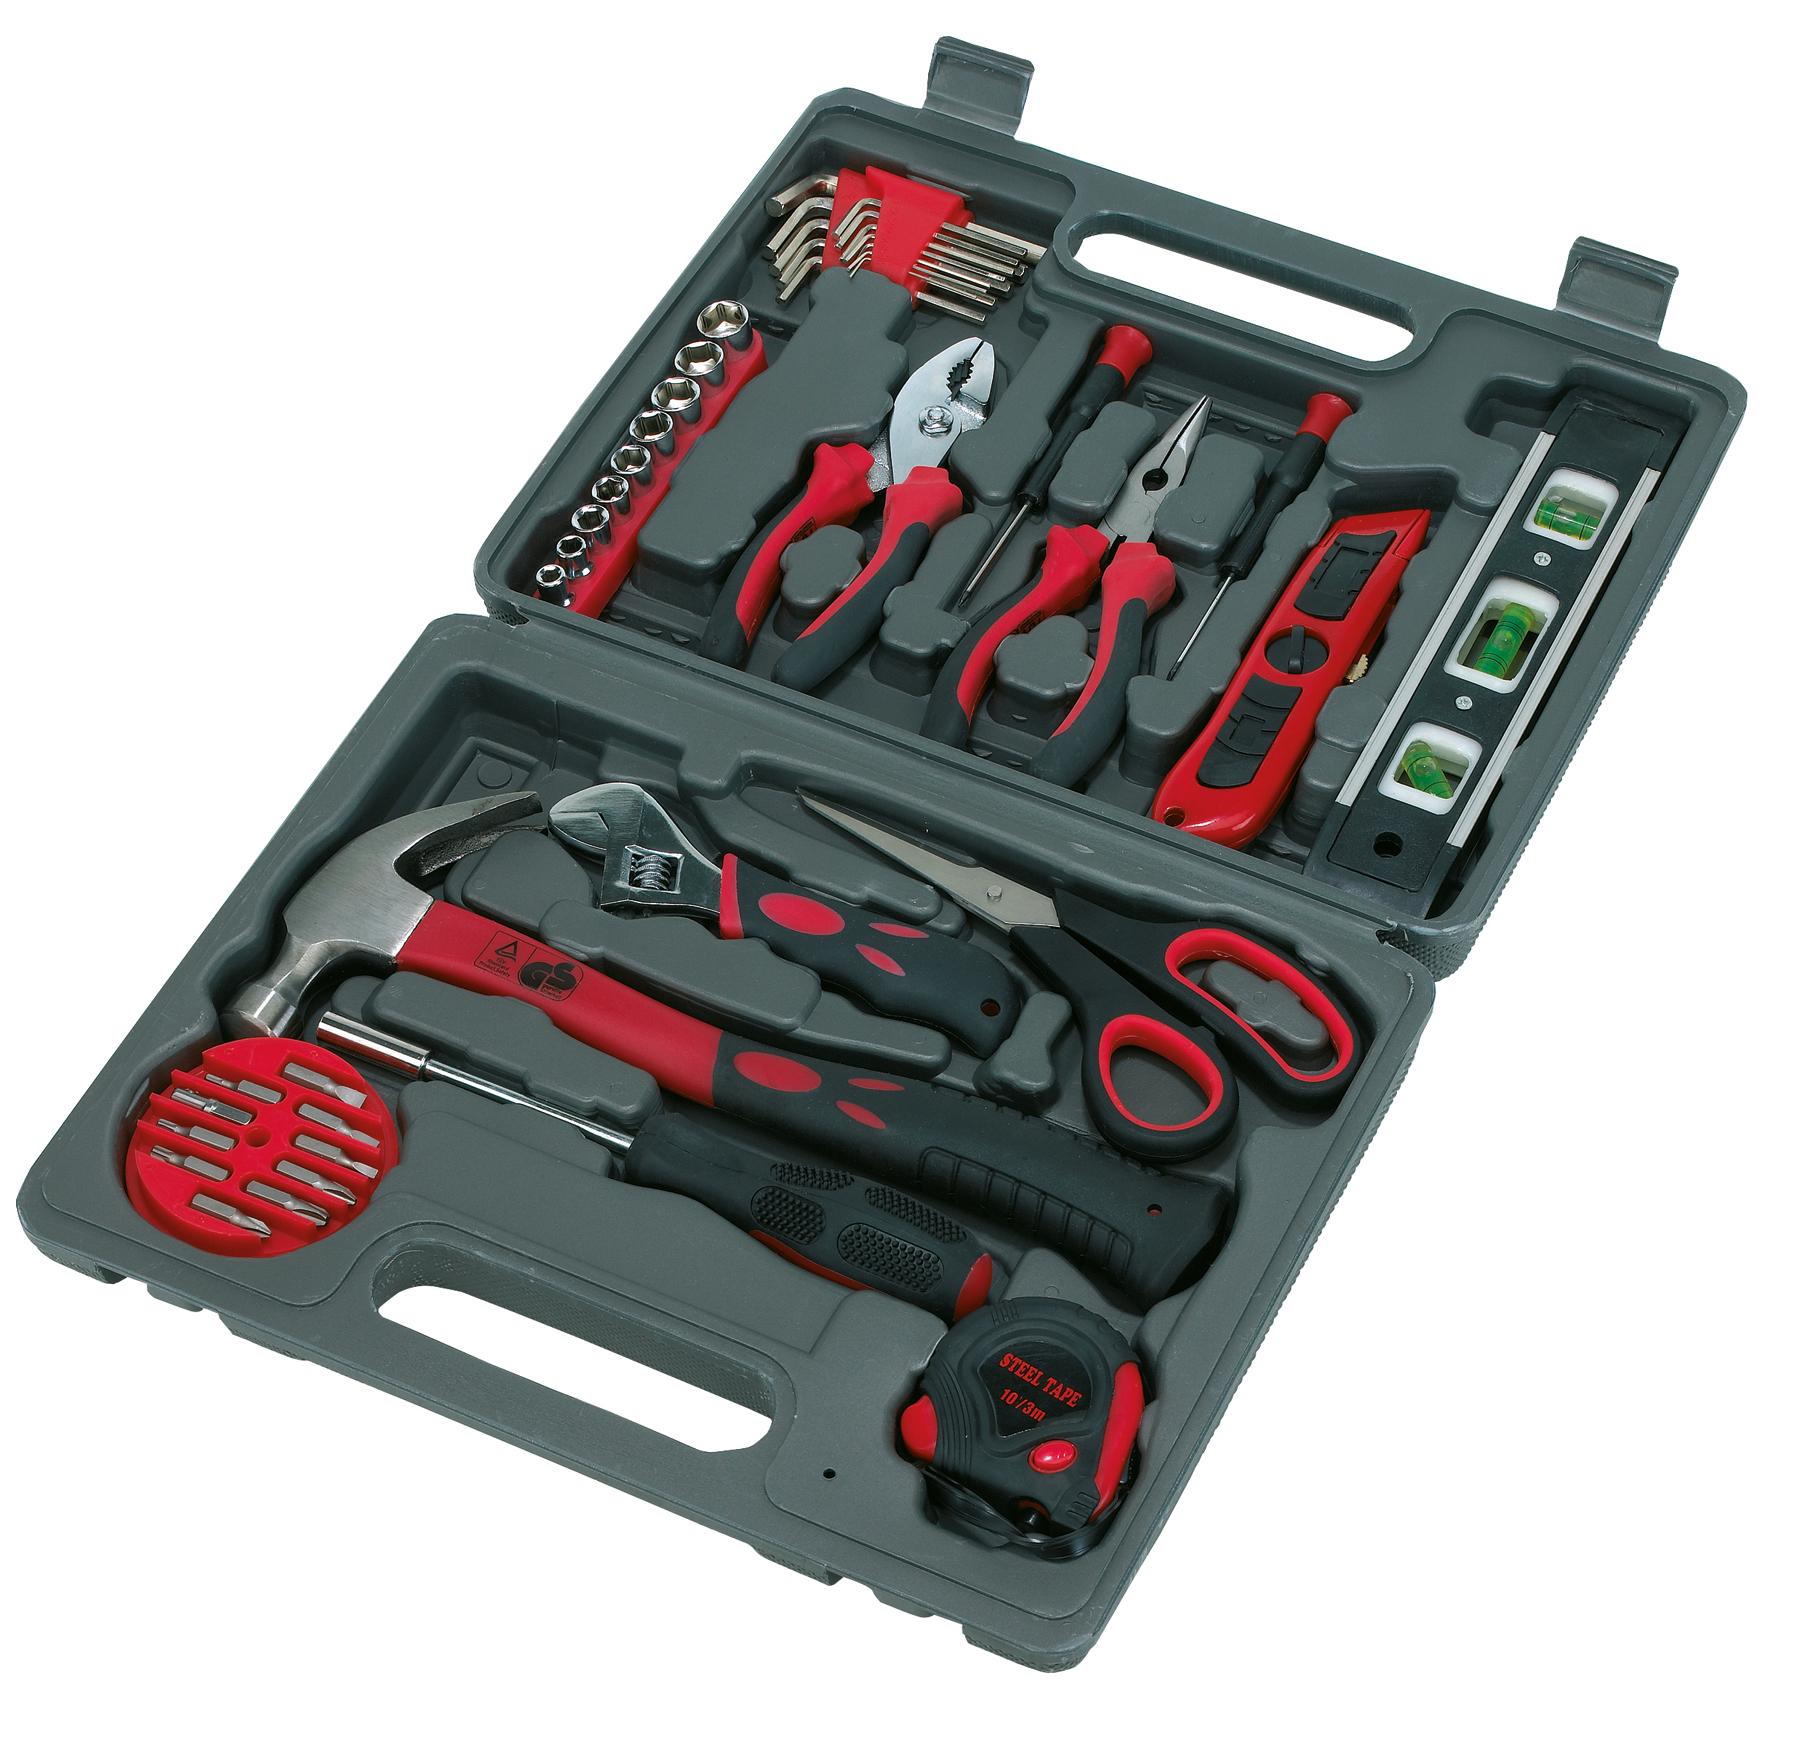 Zestaw narzędzi 42-części, czarny, czerwony